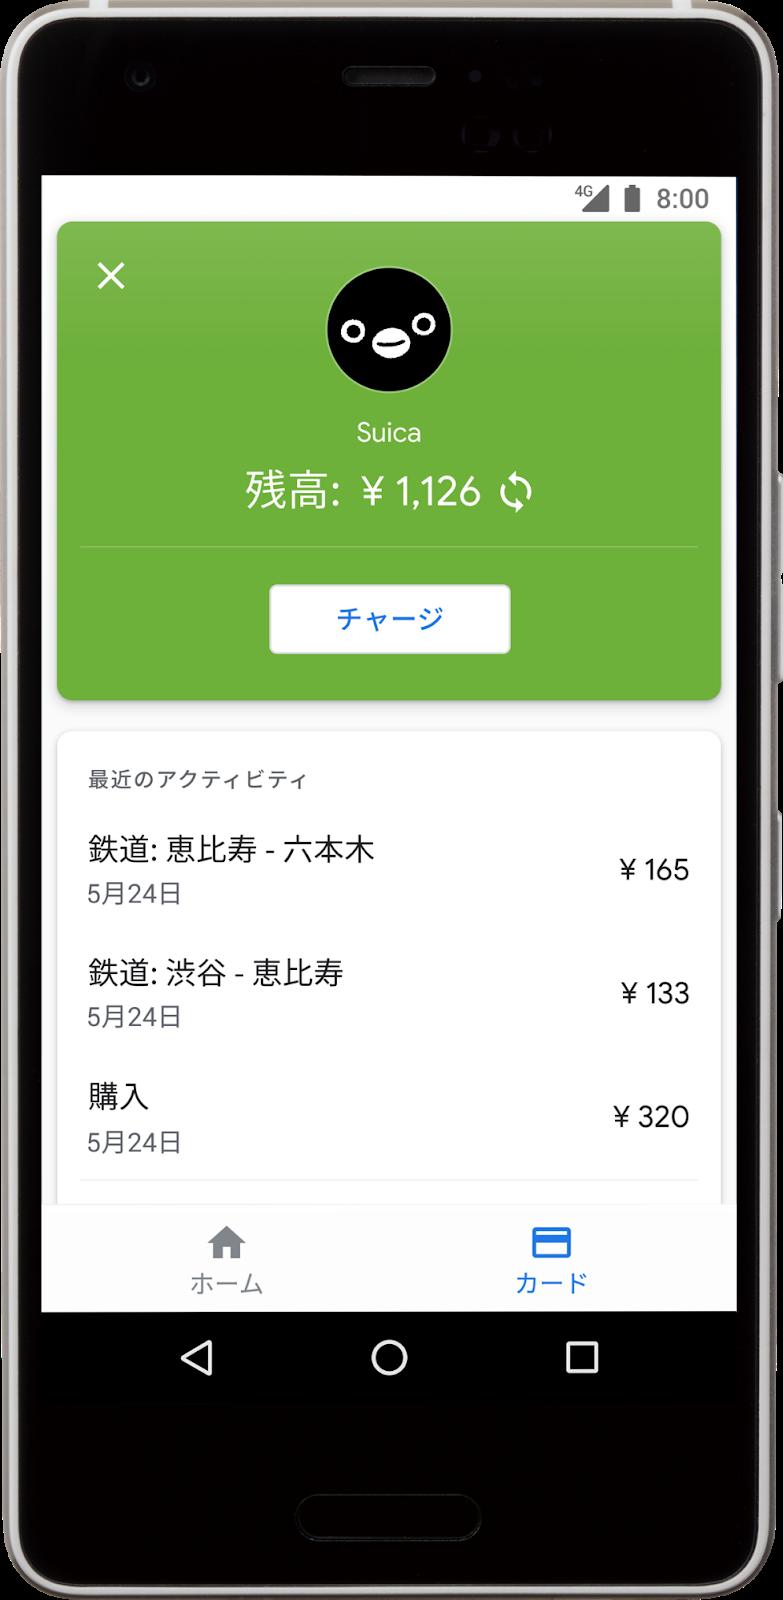 Google Payの「Suica」と「モバイルSuica」の違い